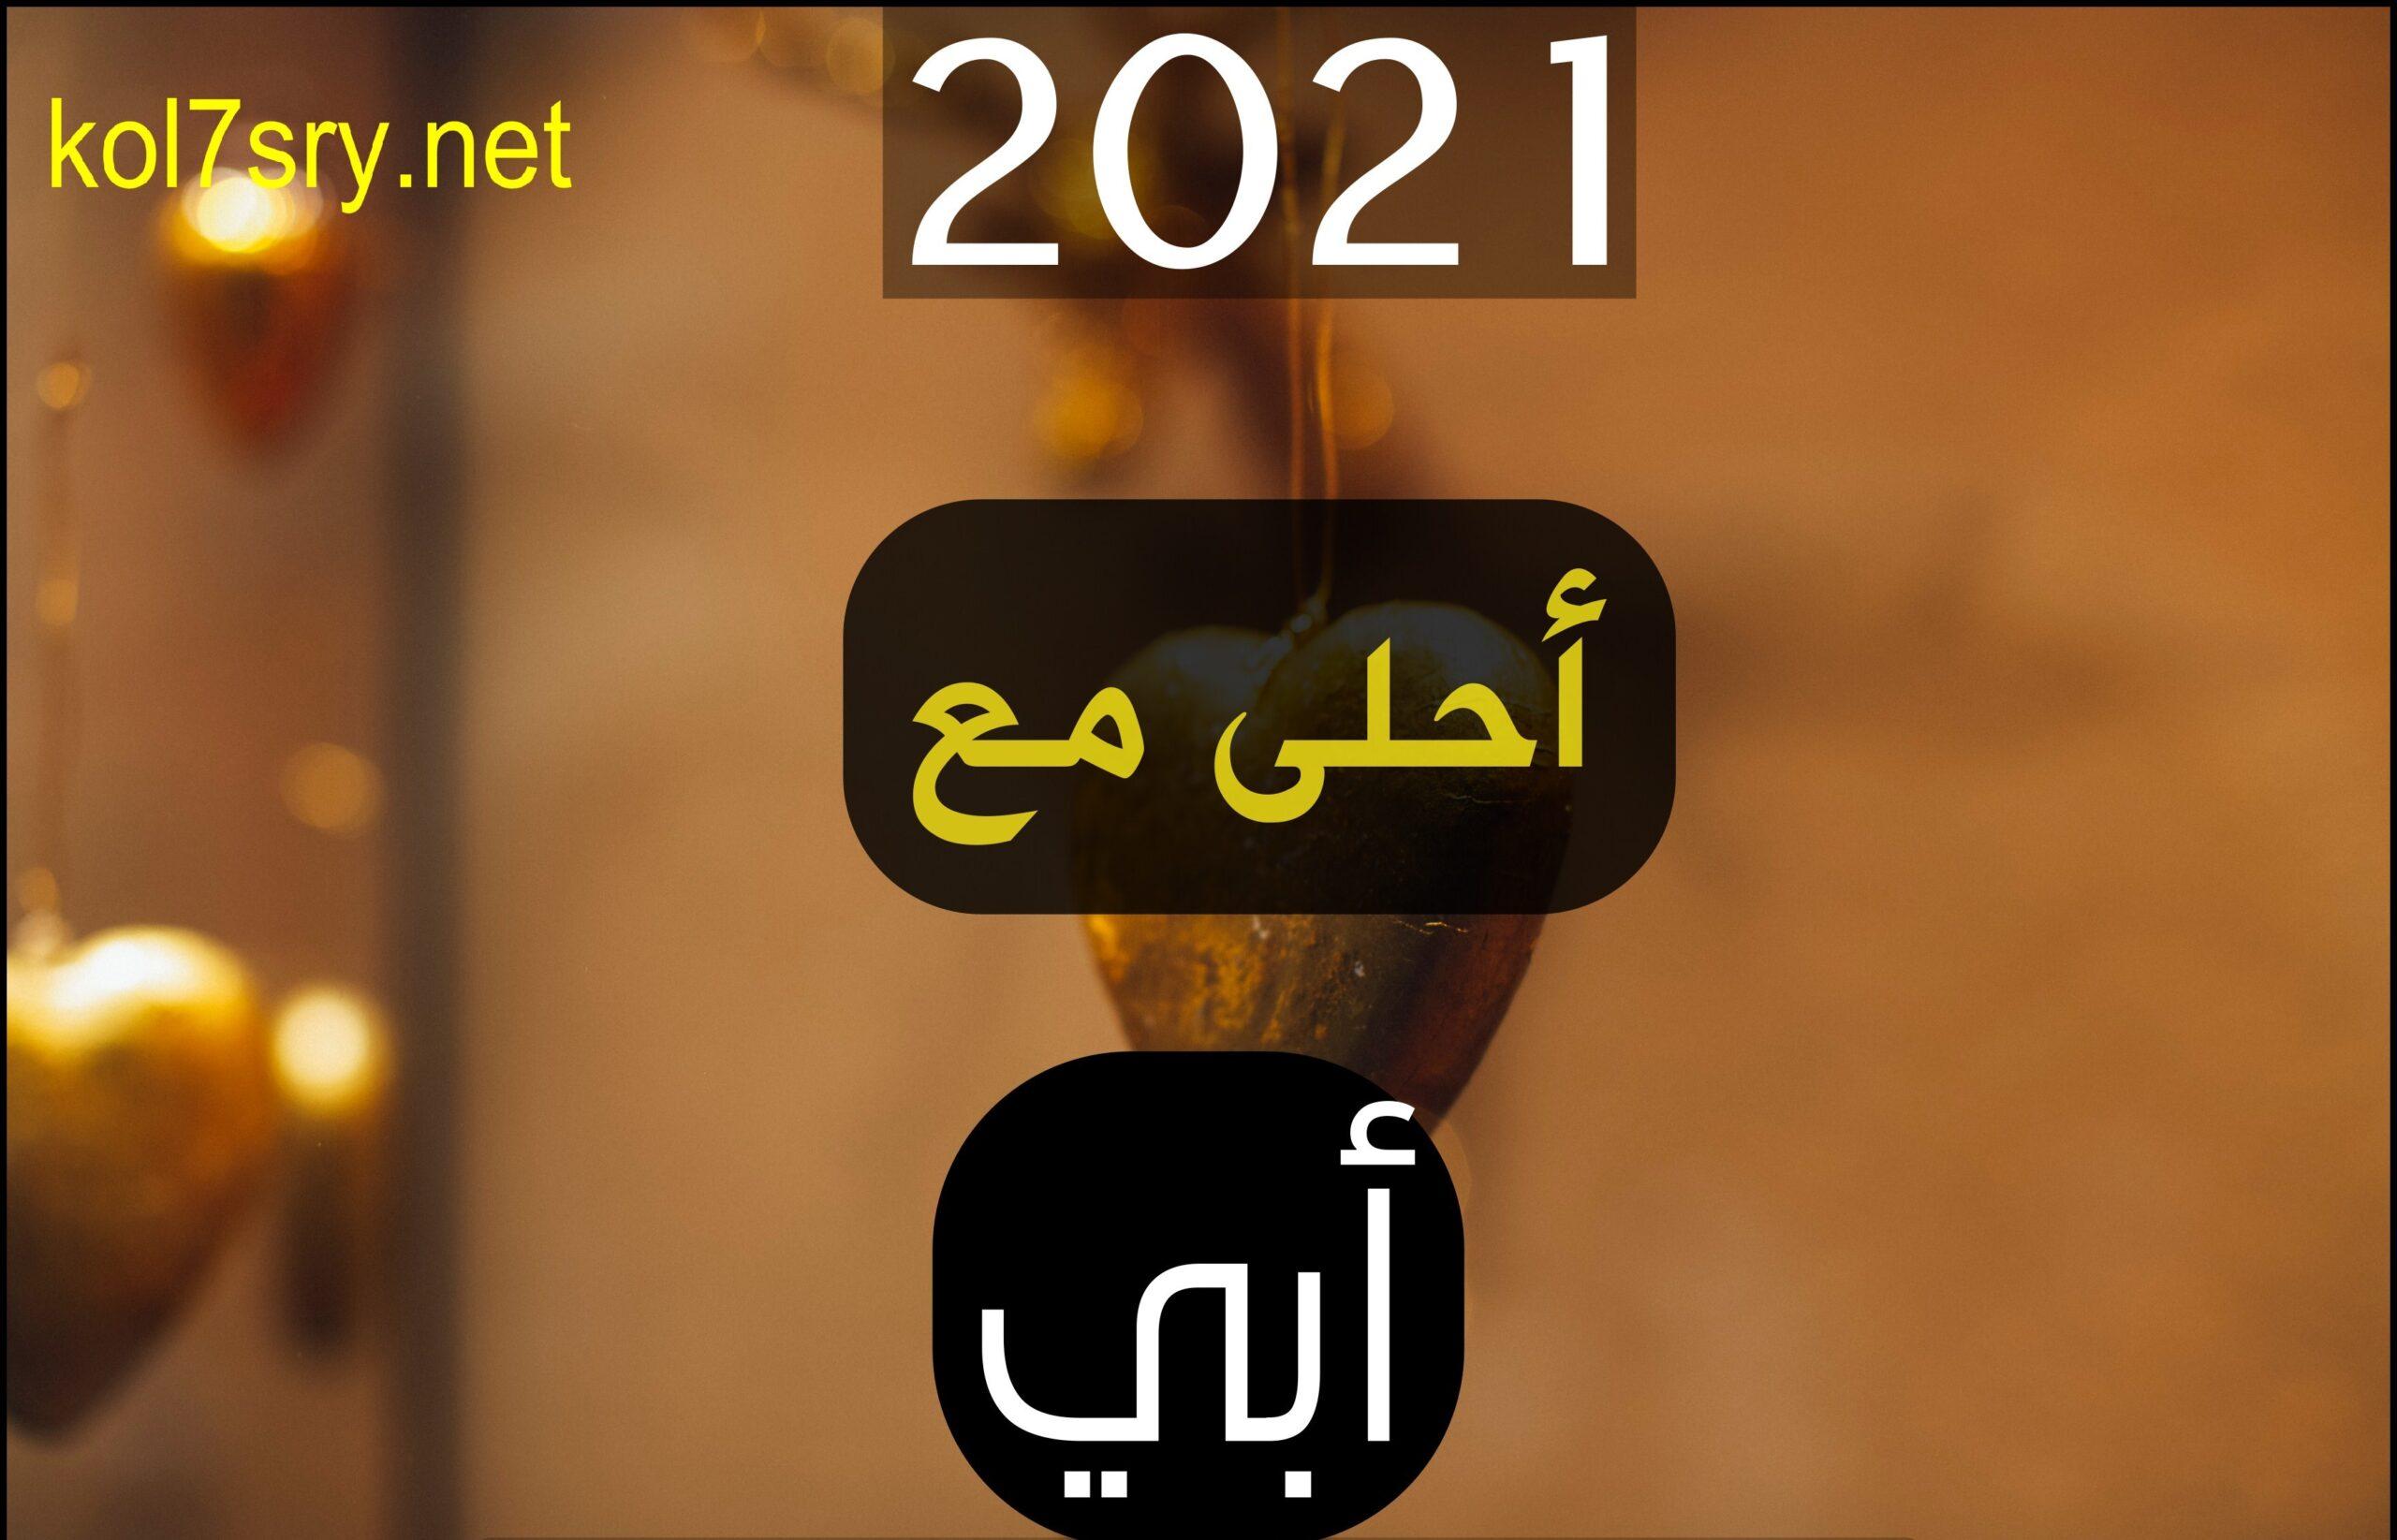 2021 أحلى مع اسمك أجمل 40 صورة HD لعام 2021 احلى مع مجانا اطلب التصميم بالتعليقات 12